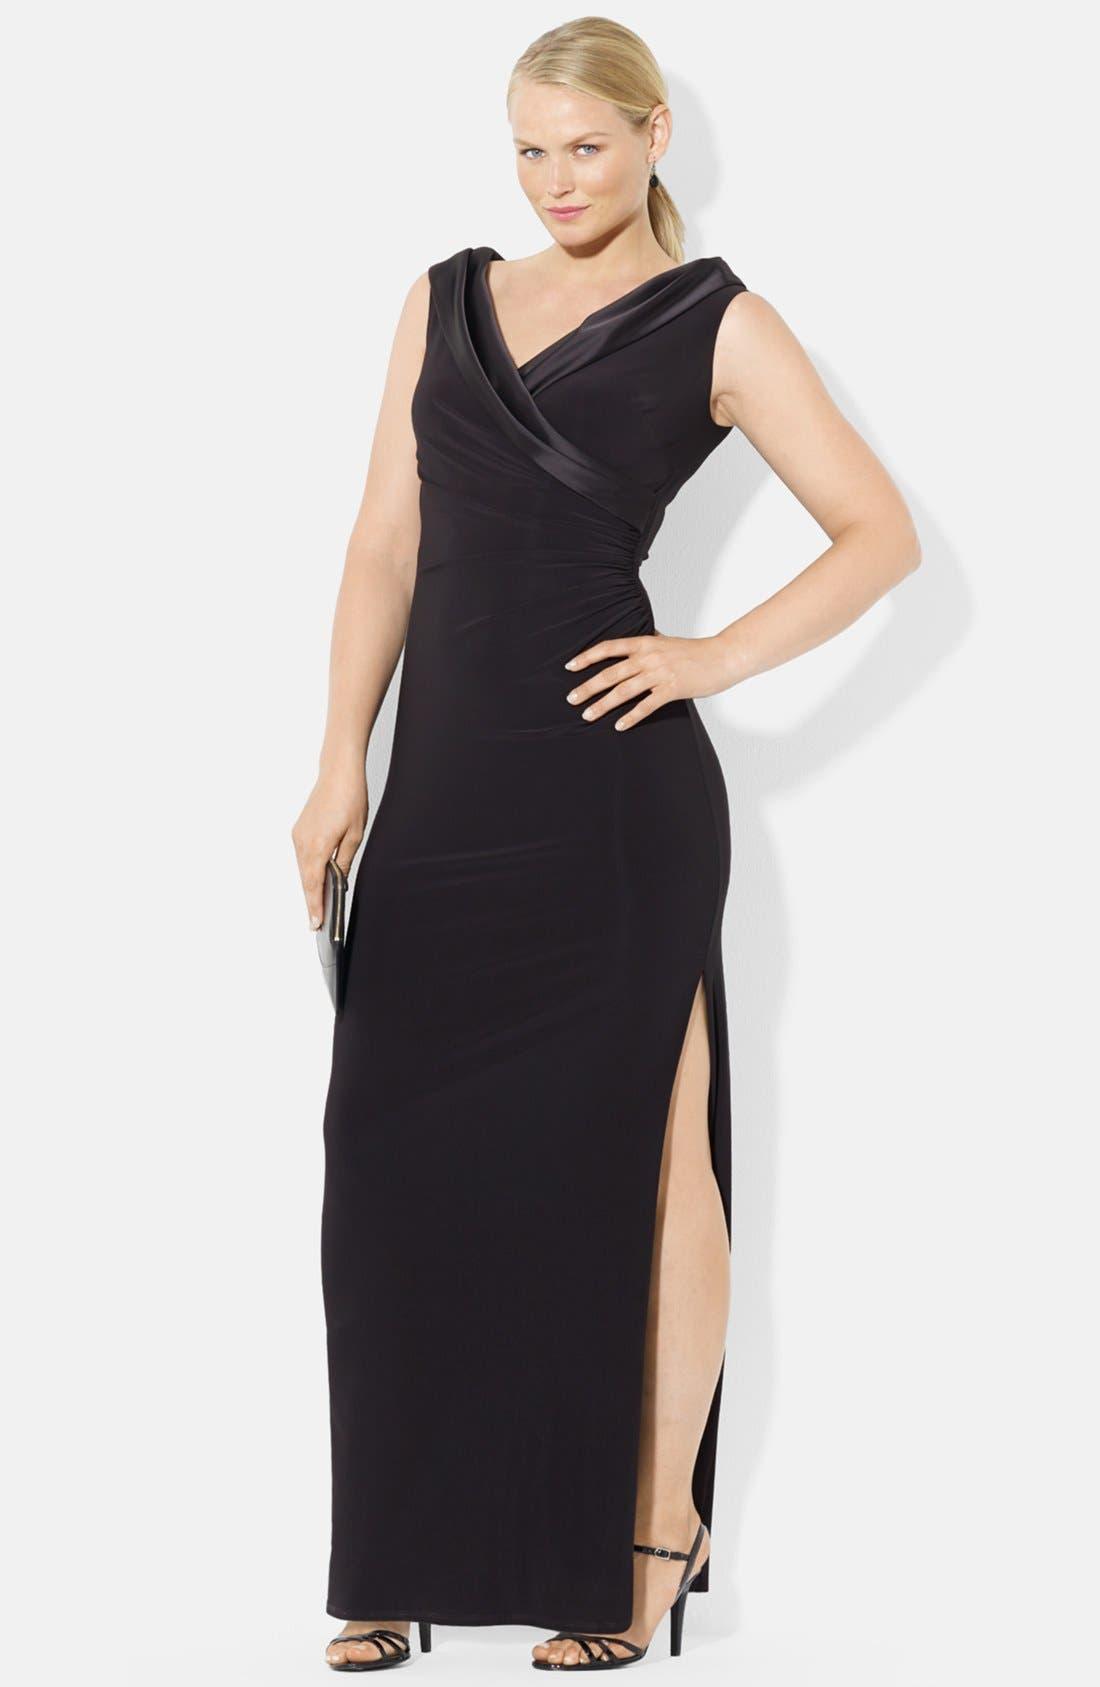 Alternate Image 1 Selected - Lauren Ralph Lauren Portrait Collar Jersey Gown (Plus Size)